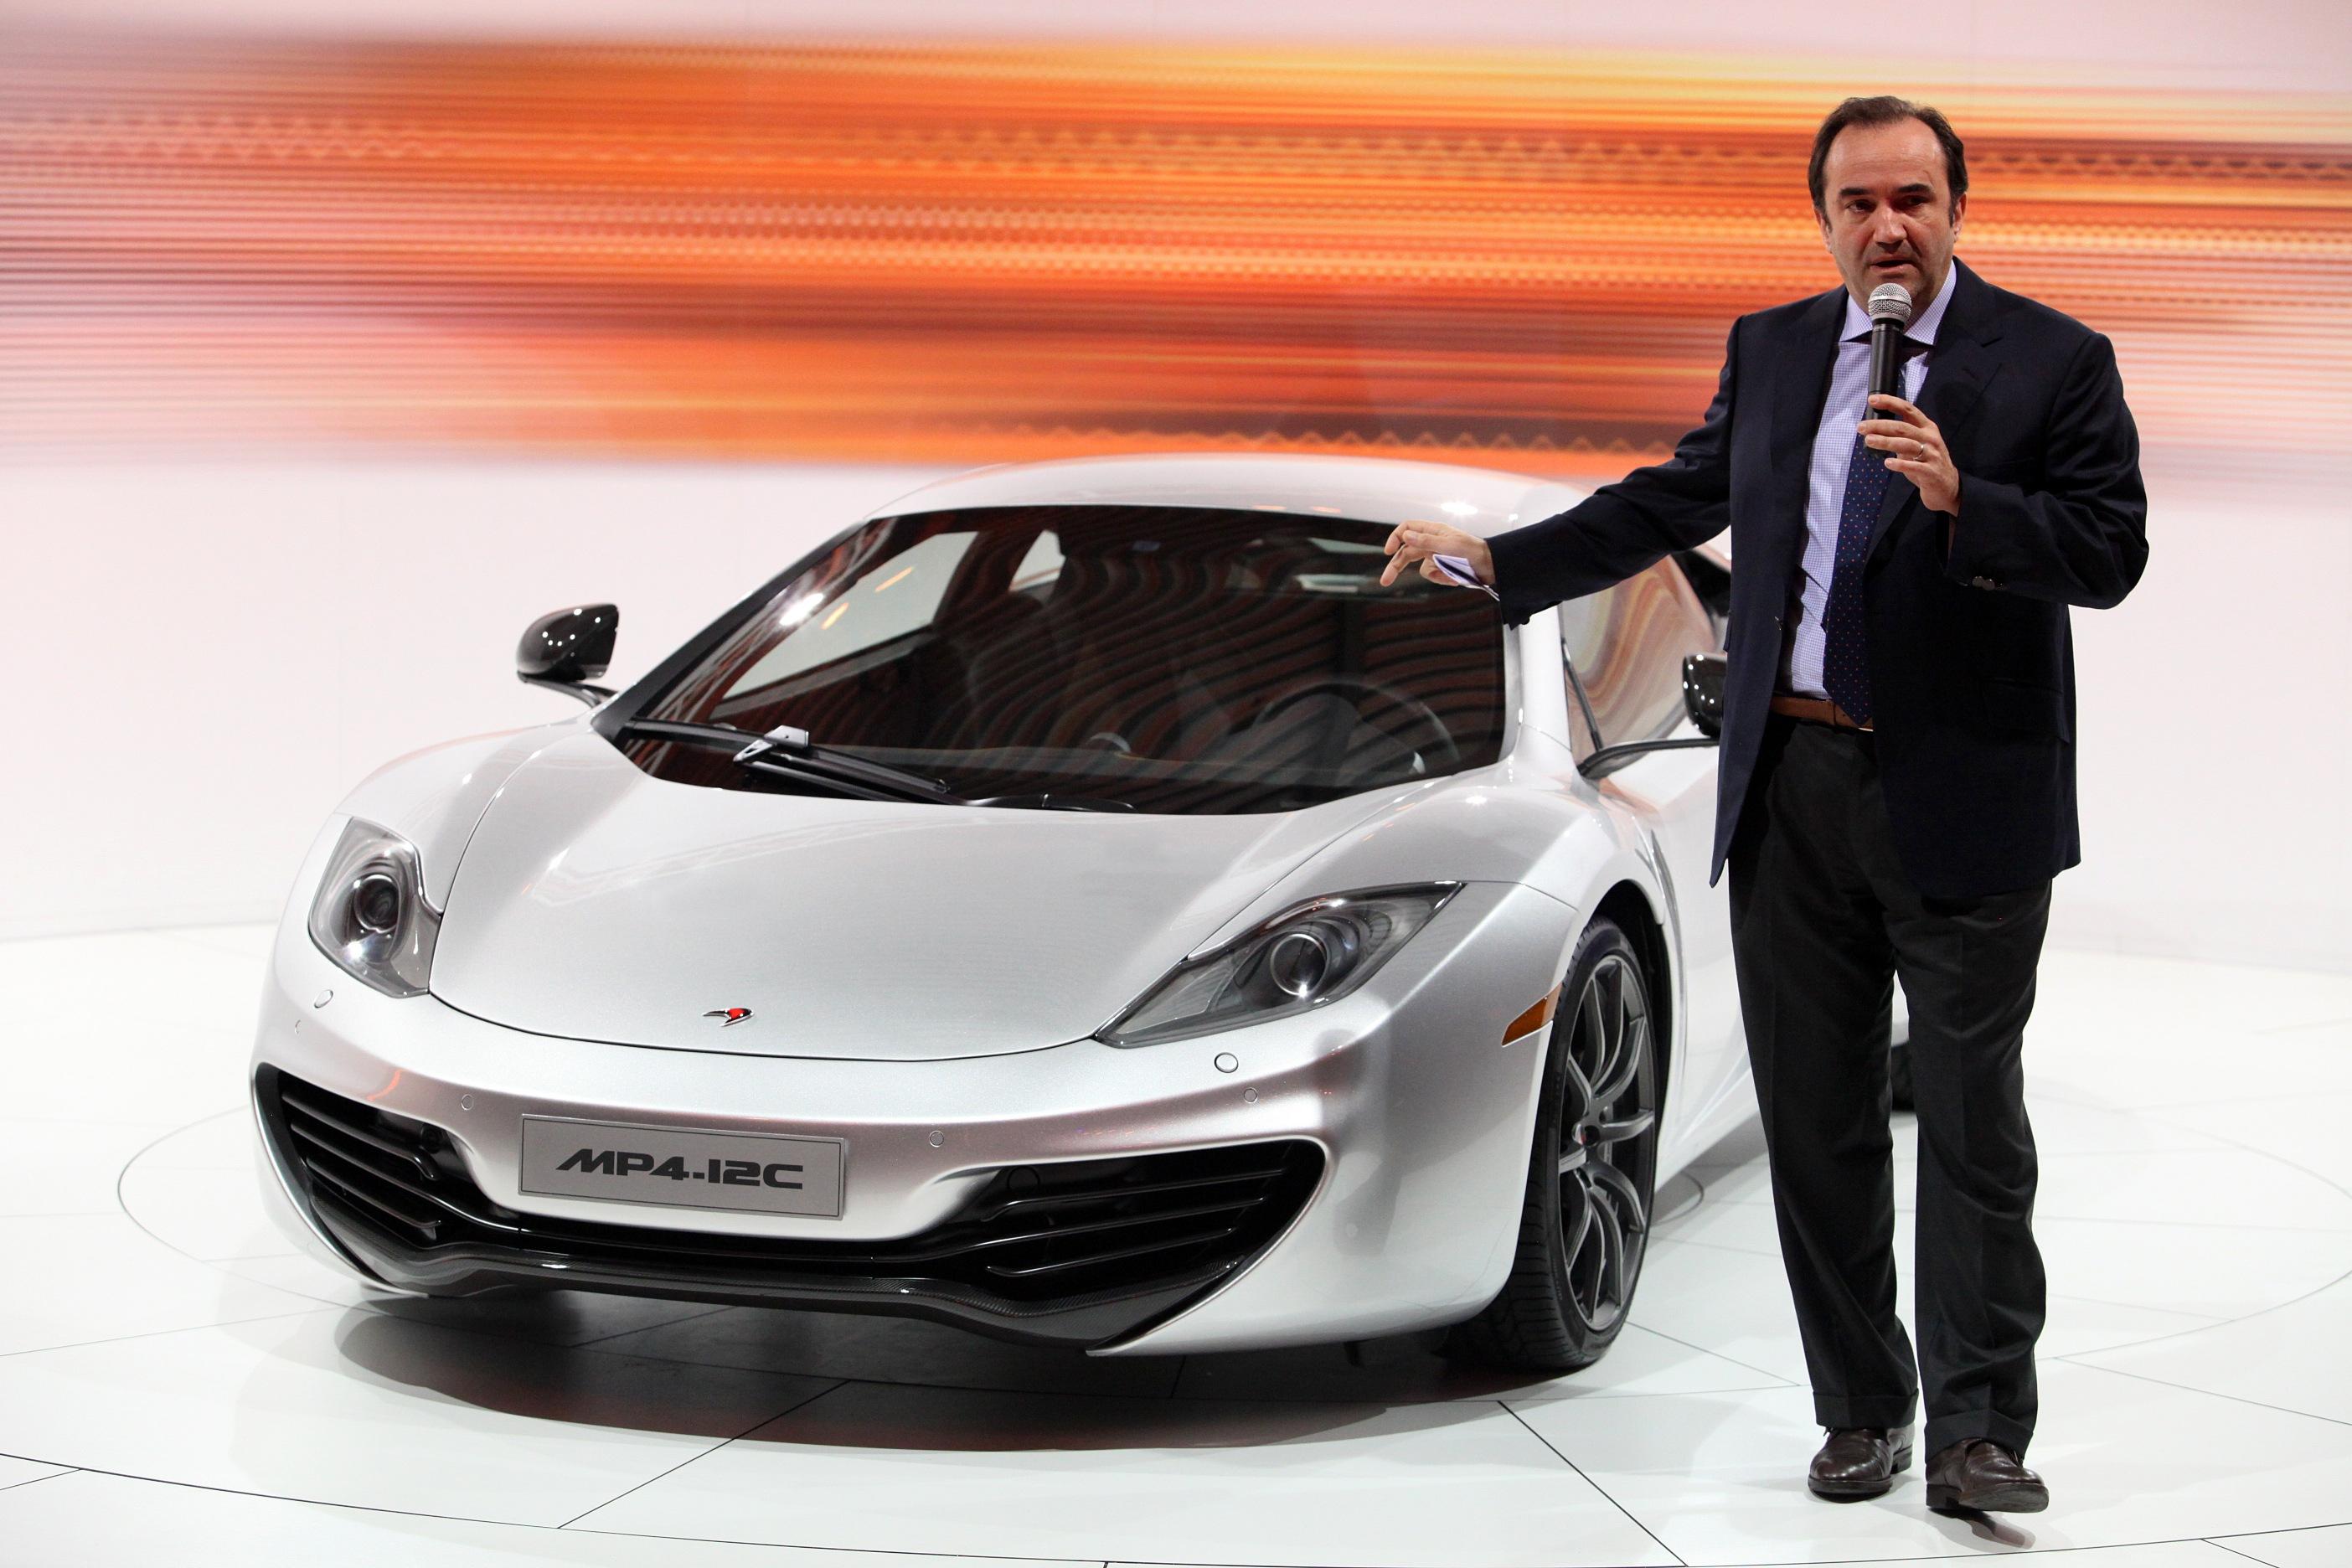 McLaren Automotive presenta la MP4-12C e il partner Fassina per la commercializzazione in Italia